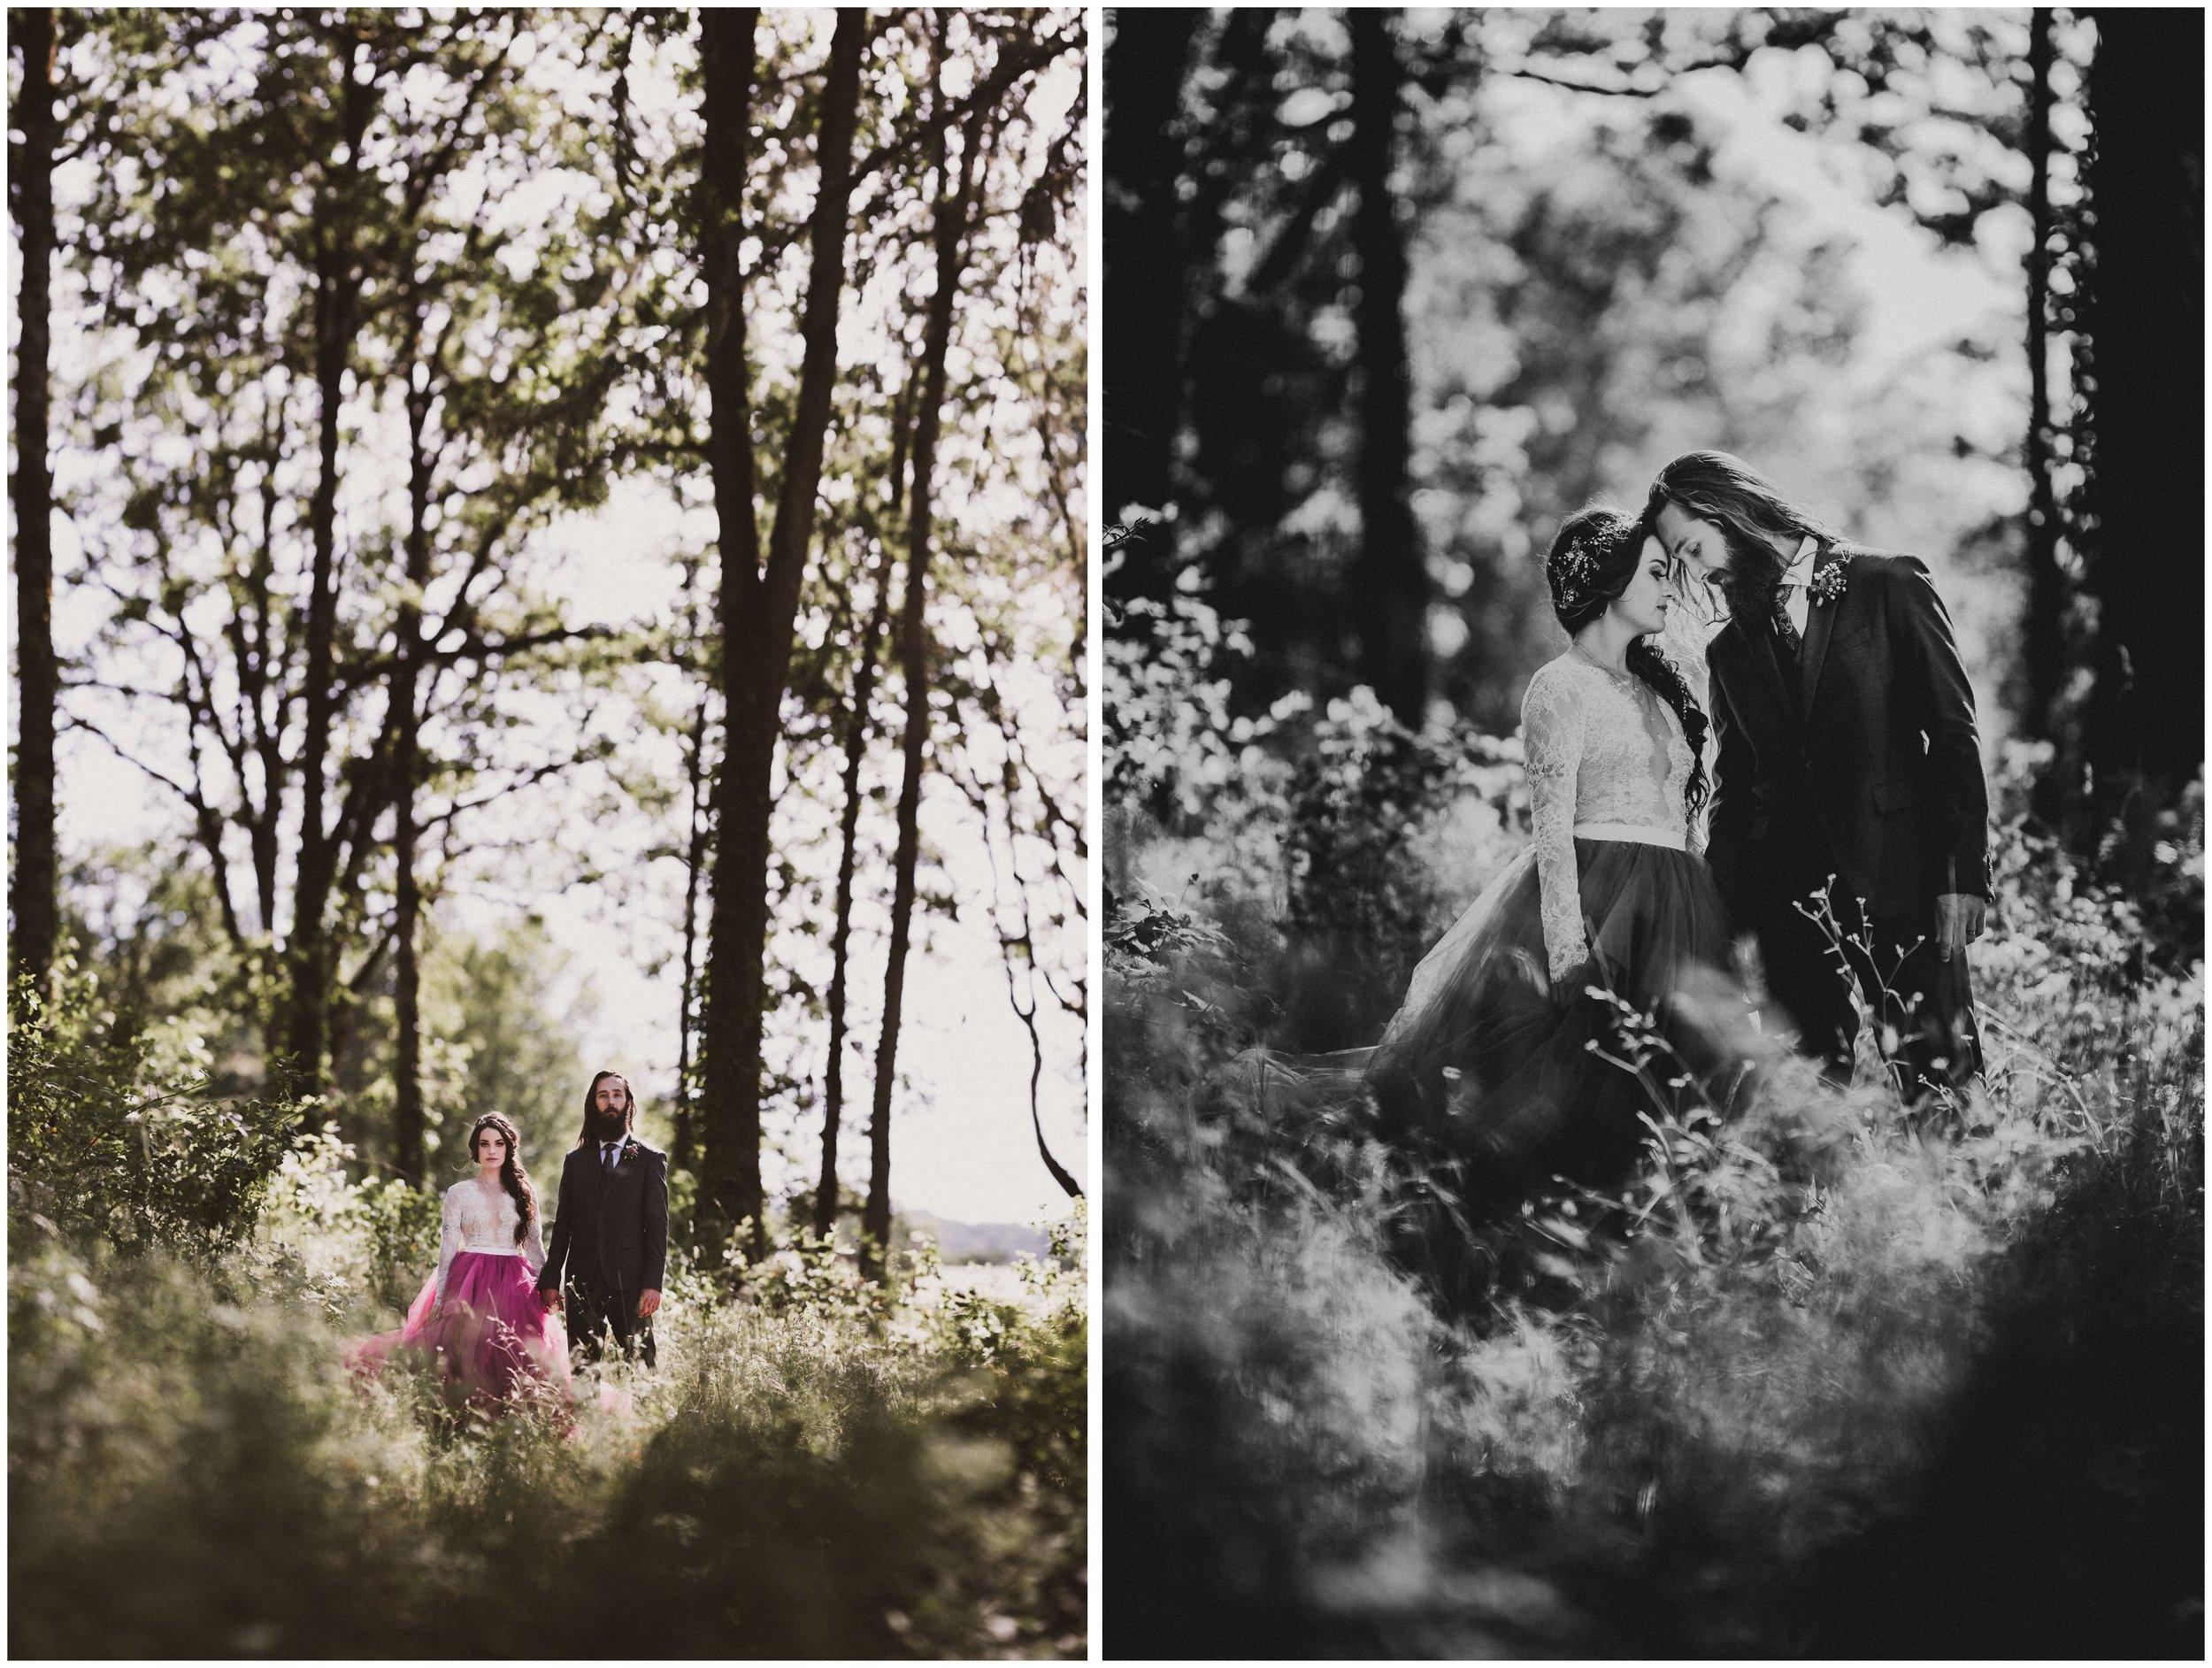 TONY-GAMBINO-PHOTOGRAPHY-BEND-OREGON-WEDDING-SHOOT-000_1526 bride and groom portraits.jpg